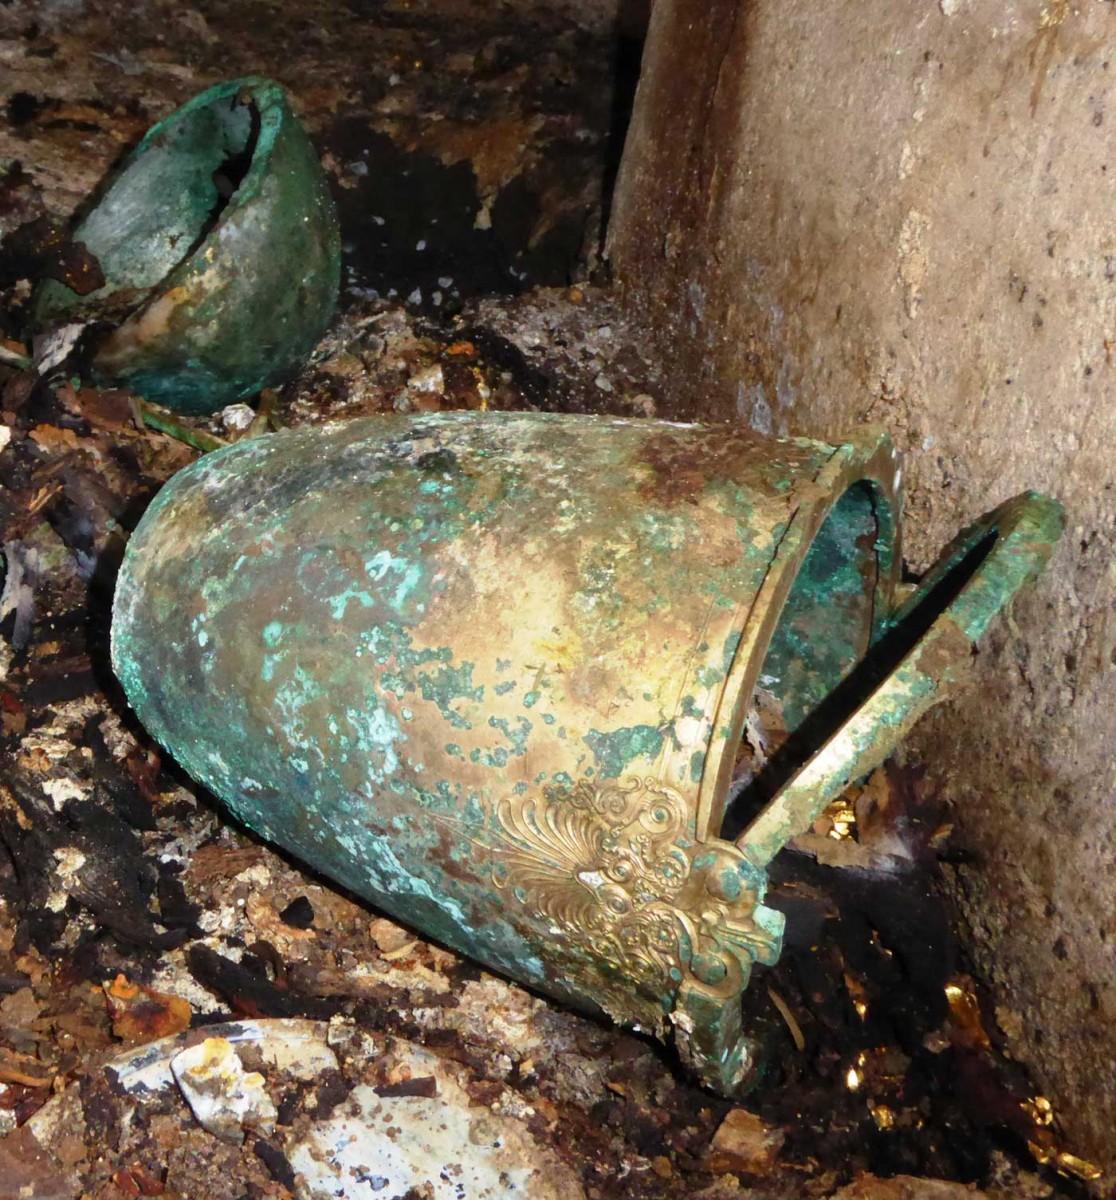 Χάλκινος κάδος από ασύλητο τάφο στις Αιγές, τέλη 4ου αι. π.Χ. (φωτ. Εφορεία Αρχαιοτήτων Ημαθίας).